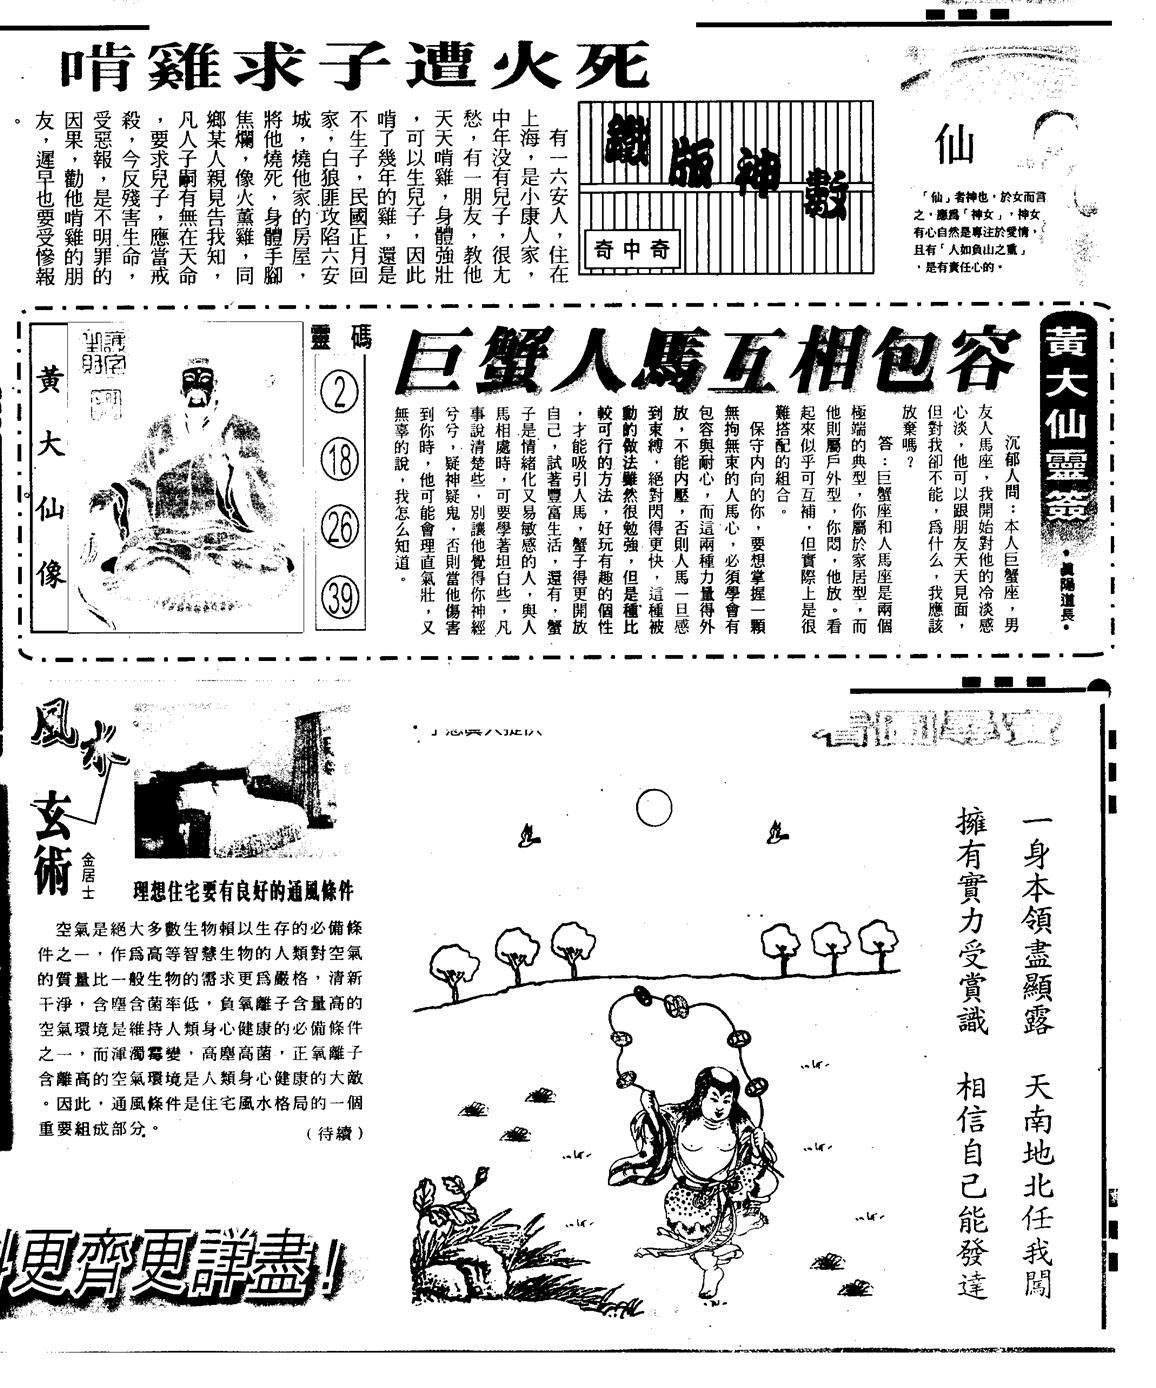 085期另版精选B(黑白)